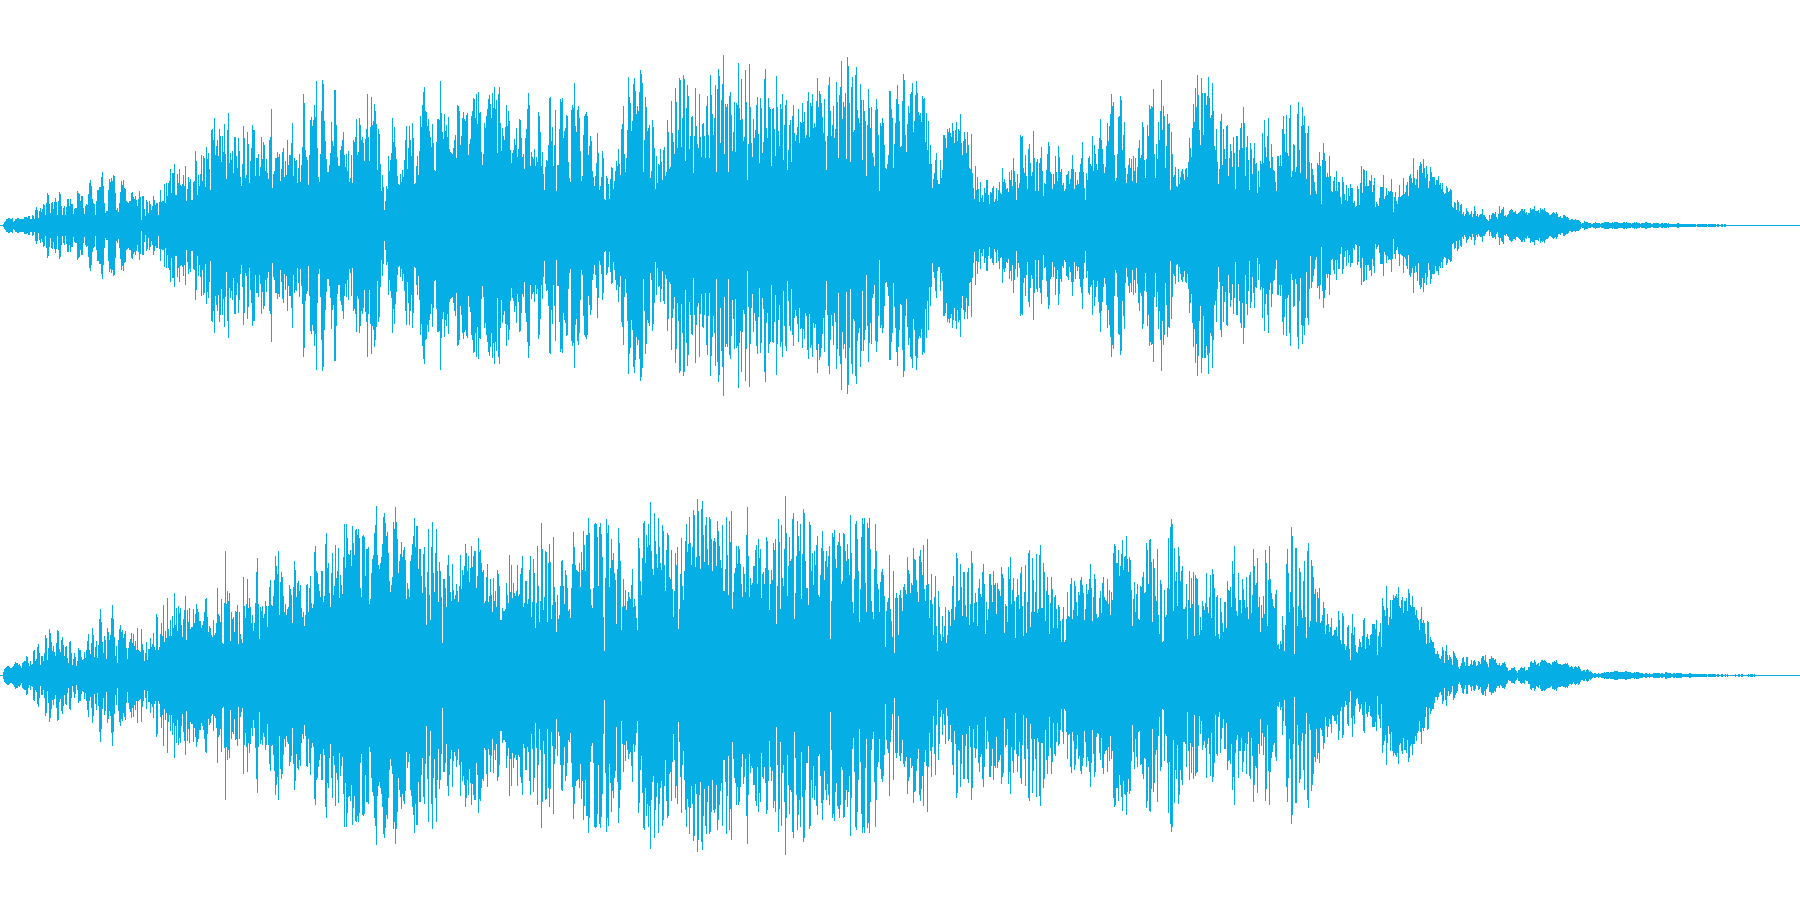 巨大惑星(高め音色)の再生済みの波形